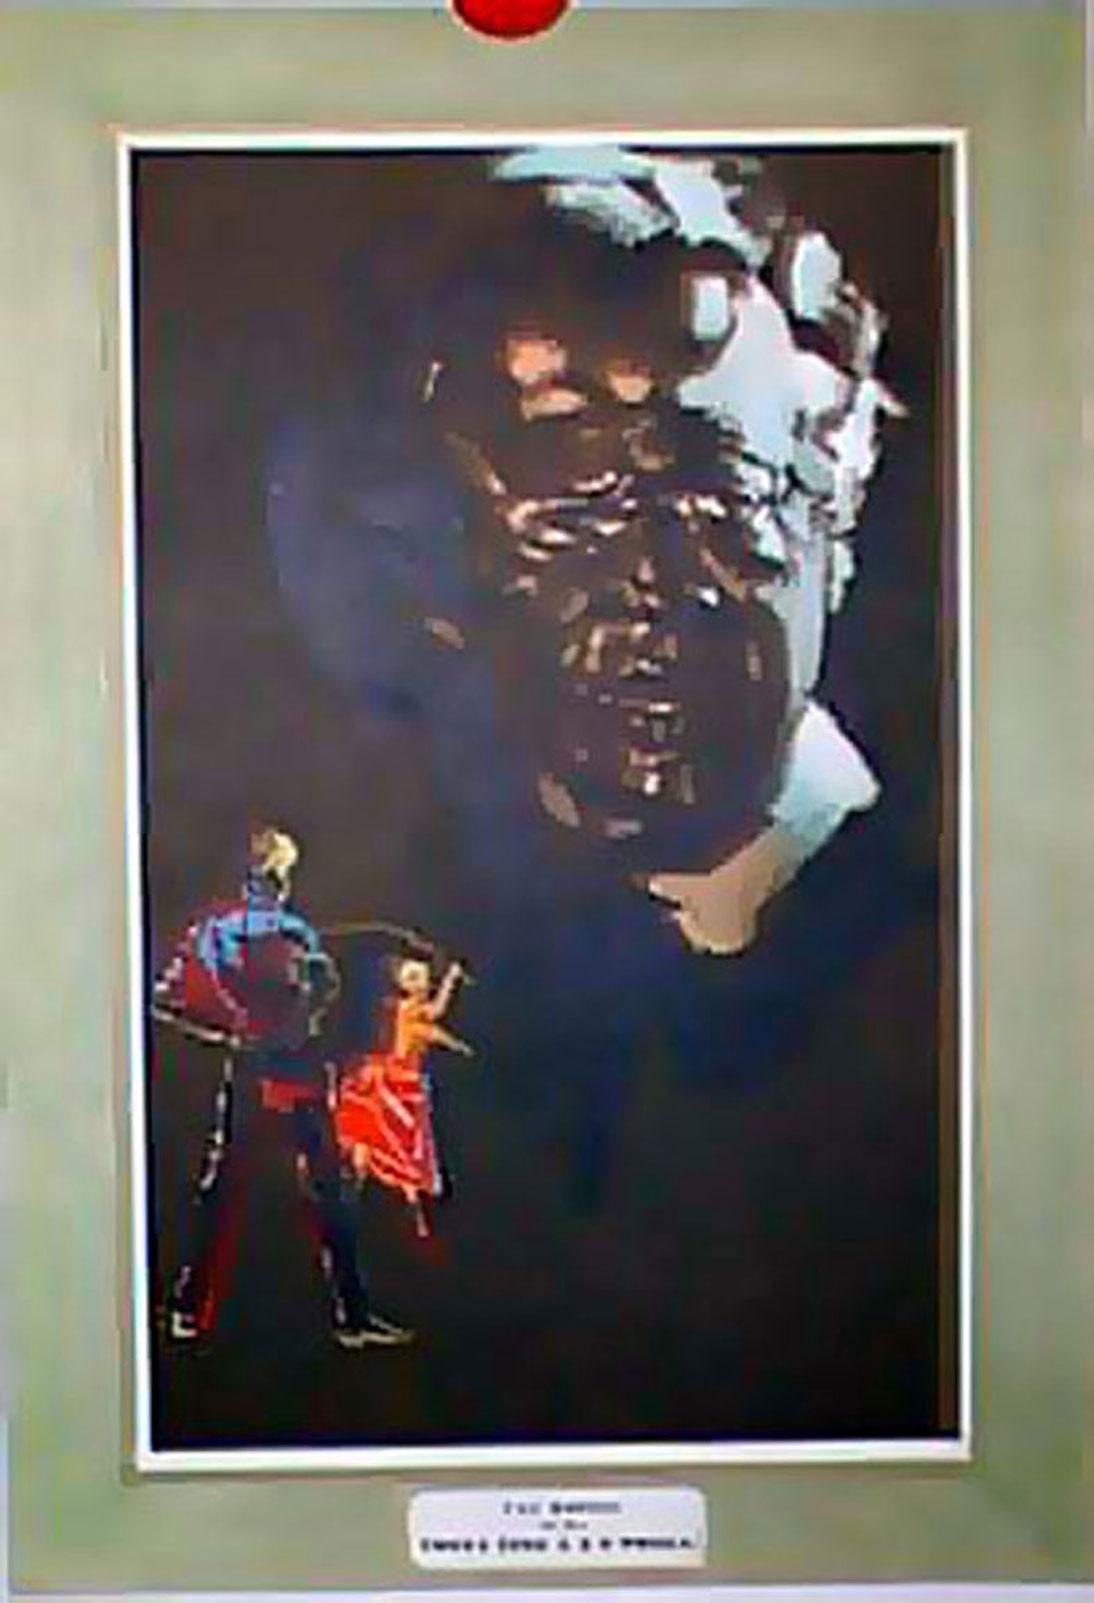 quotesta es mi gentequot movie poster quotcount three and pray